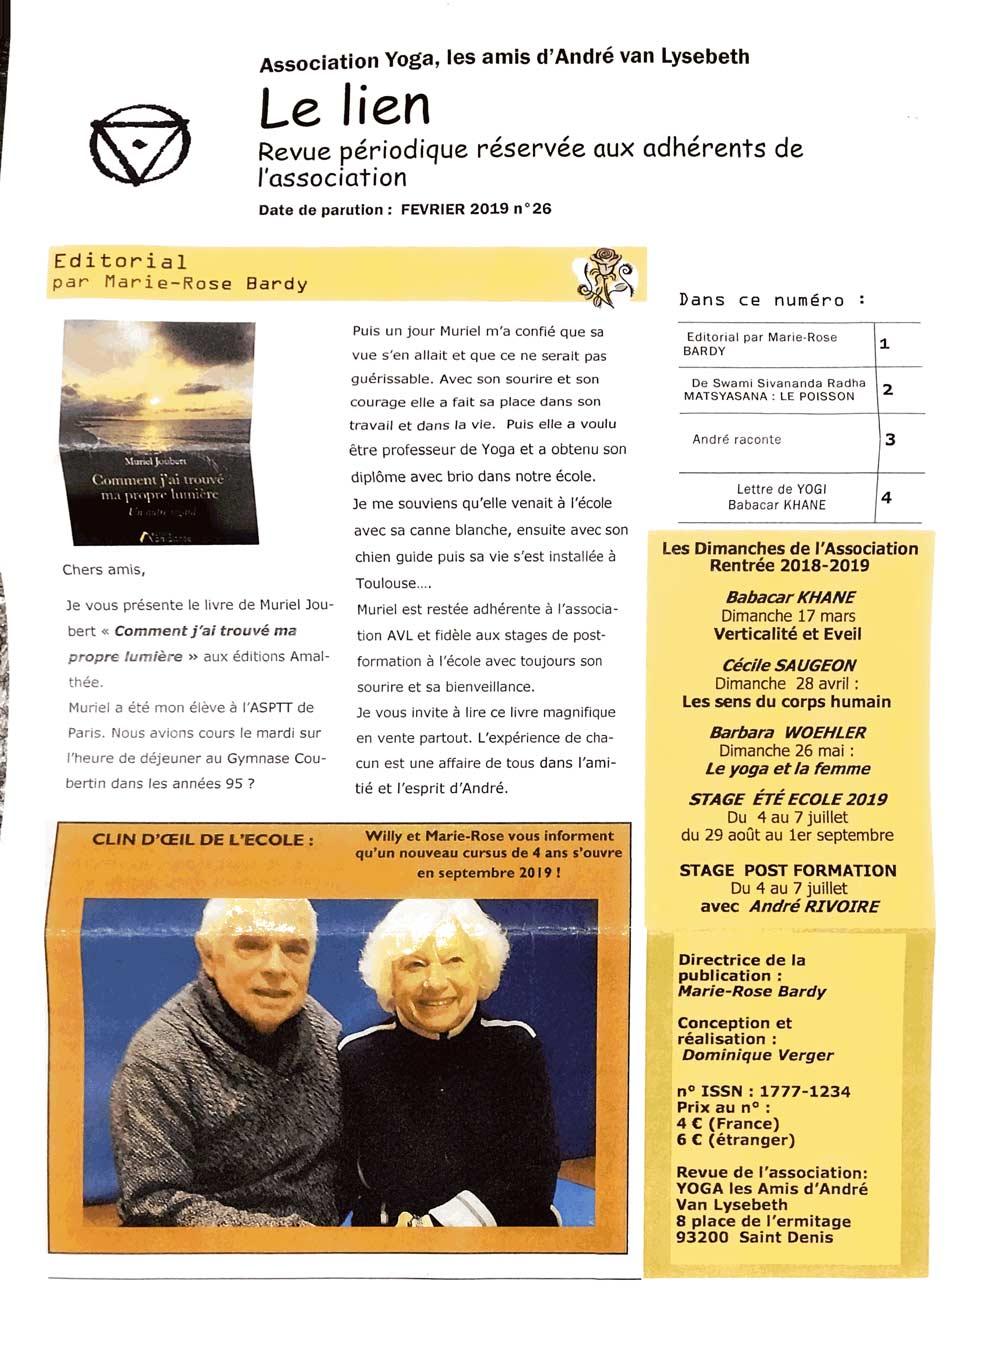 Article de Presse de Muriel Joubert dans le lien EYVL